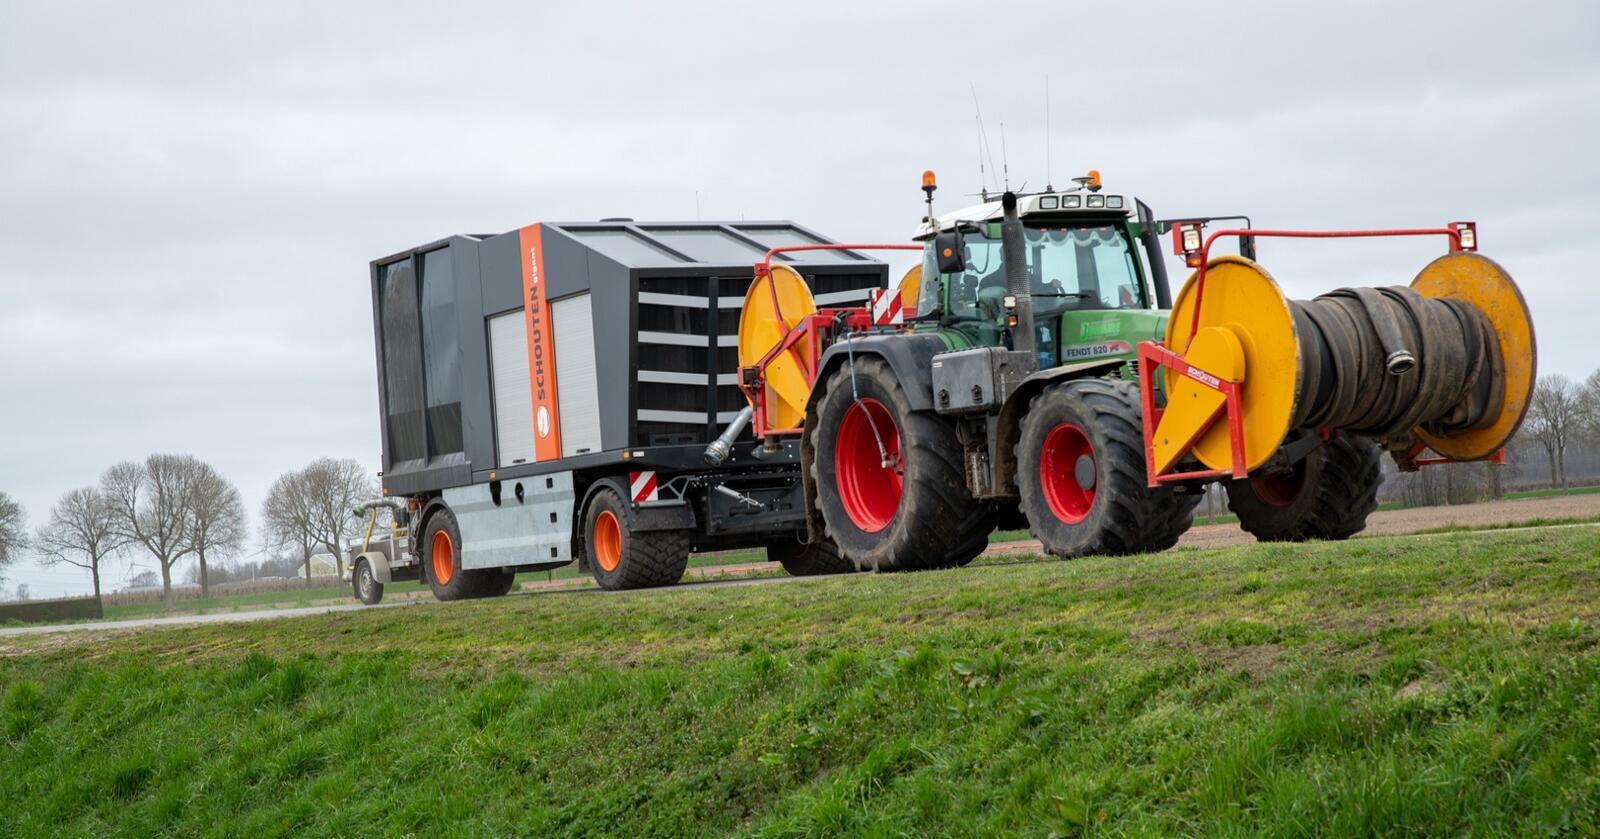 Nederlandsk: Schouten Gigant G400-13 har en lang rekke funksjoner ferdig bygget sammen til en flyttbar enhet som fjernstyres.